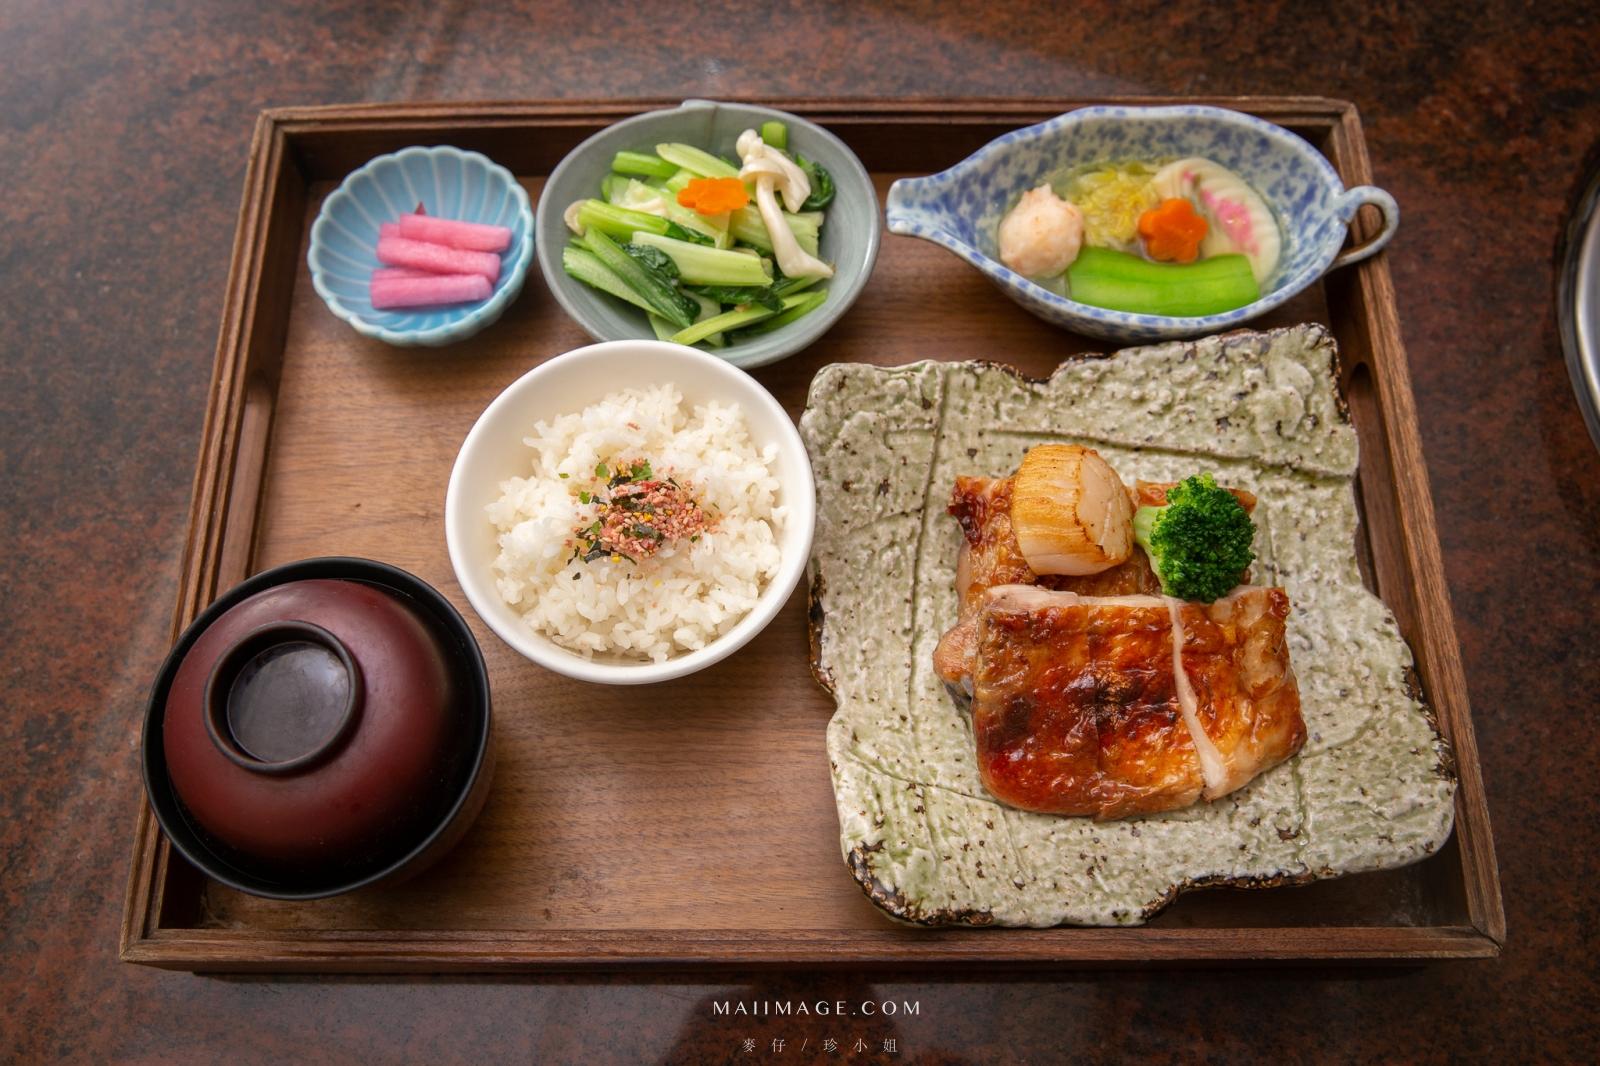 『欣葉呷哺呷哺雙城店』雙城街商業午餐推薦~精緻日式套餐!中山區公司聚餐